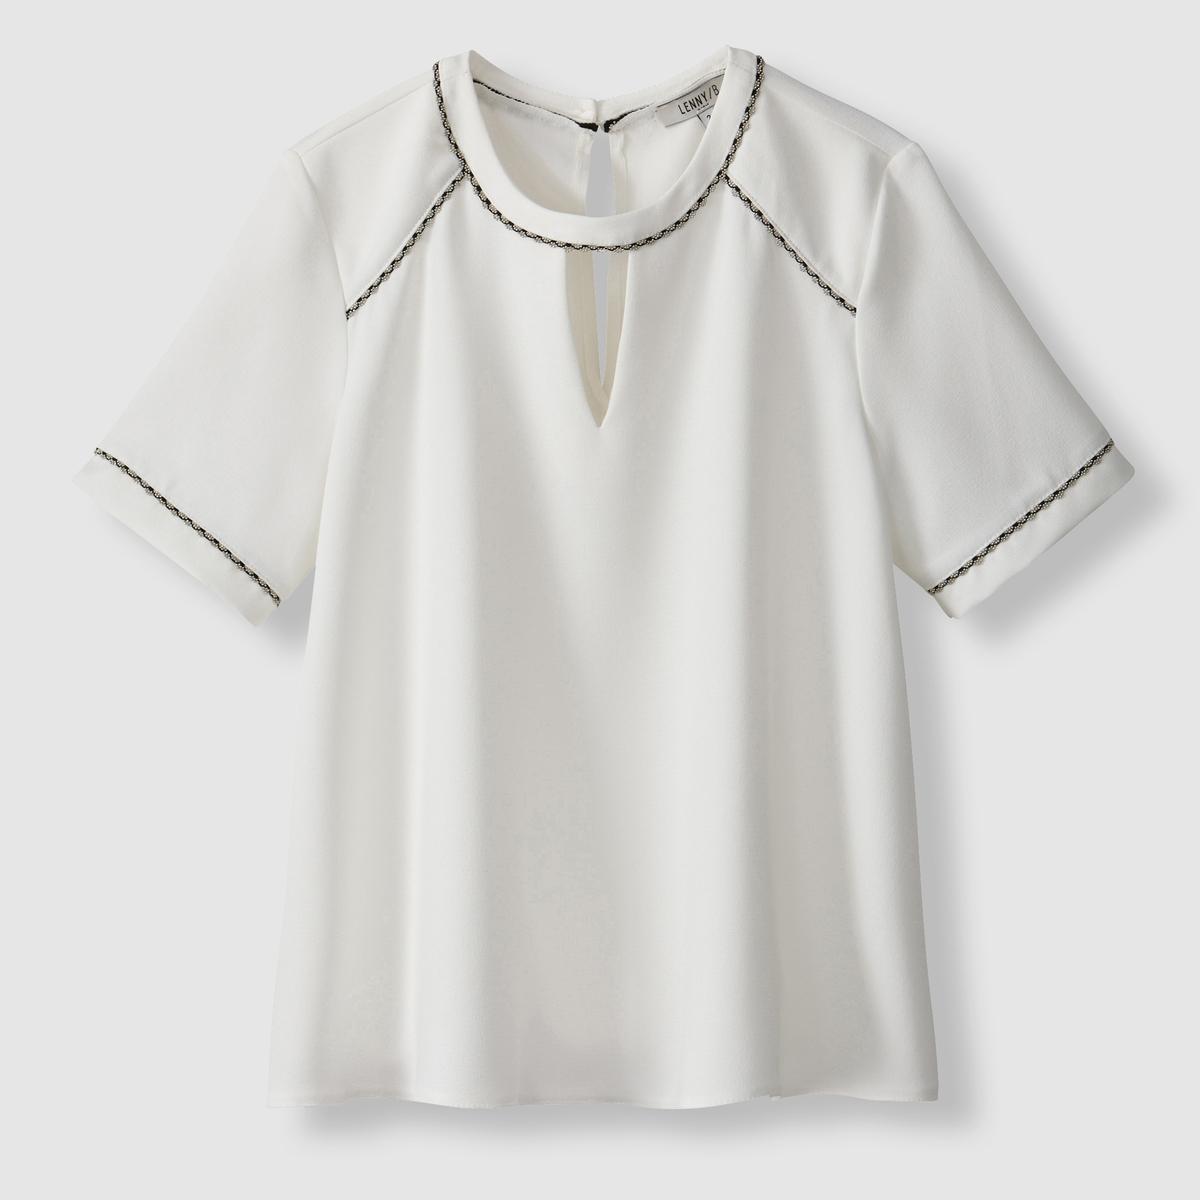 Блузка TessБлузка из струящейся ткани Tess от LENNY B. Короткие рукава. Круглый вырез. Вырез-капелька спереди. Разрез на спине с застежкой на 1 пуговицу. Края выреза, плеч спереди и рукавов отделаны зубчиком.  Состав и описаниеМарка: LENNY B.Модель: Tess.Материалы: 100% полиэстер.УходМашинная стирка при 30°C в деликатном режимес вещами подобных цветов. Гладить при низкой температуре с изнаночной стороны.<br><br>Цвет: белый<br>Размер: 3(L)